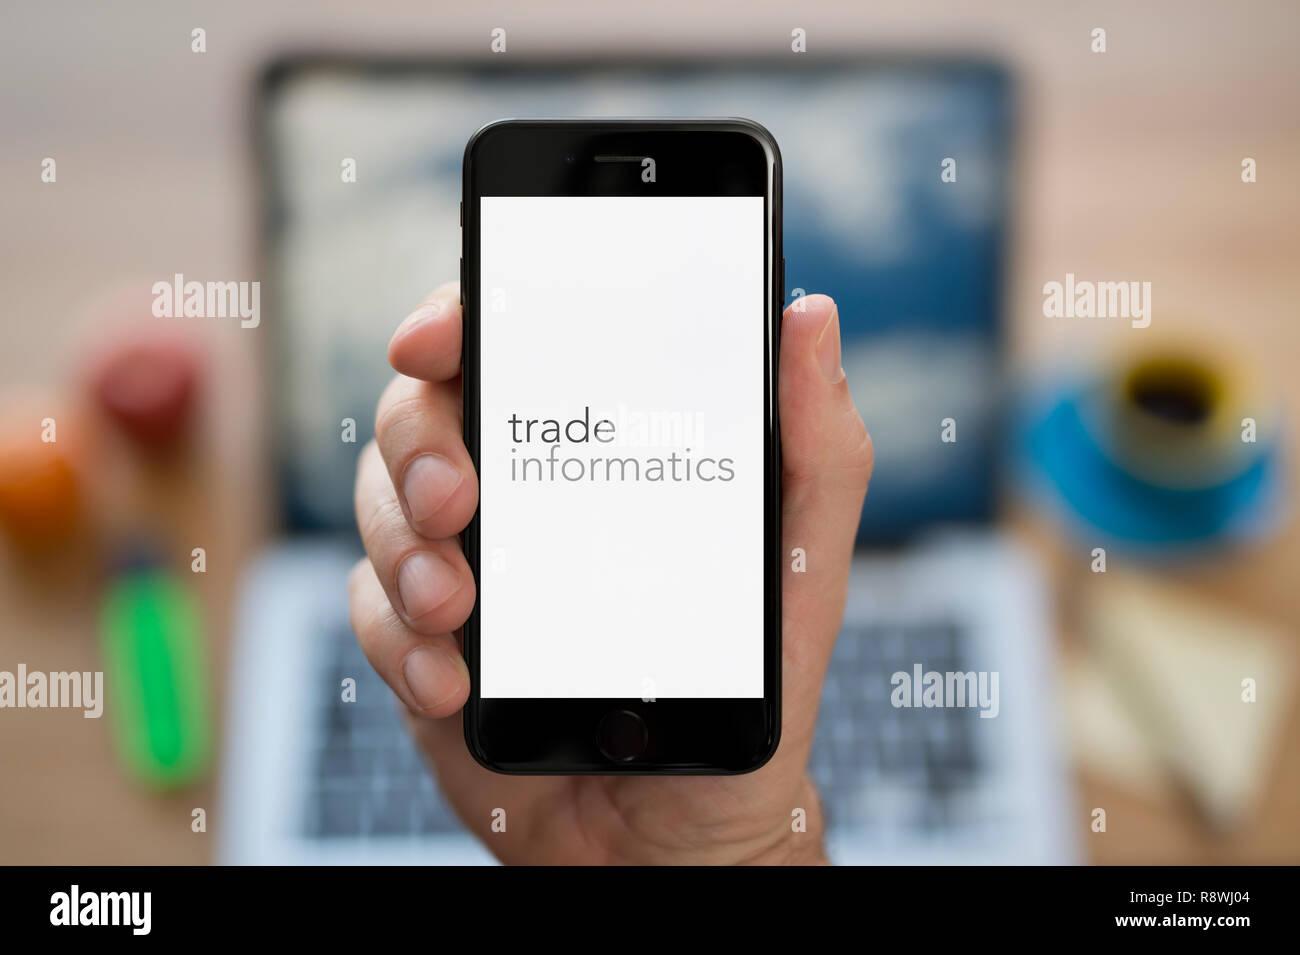 Un uomo guarda al suo iPhone che visualizza il commercio logo informatica (solo uso editoriale). Immagini Stock